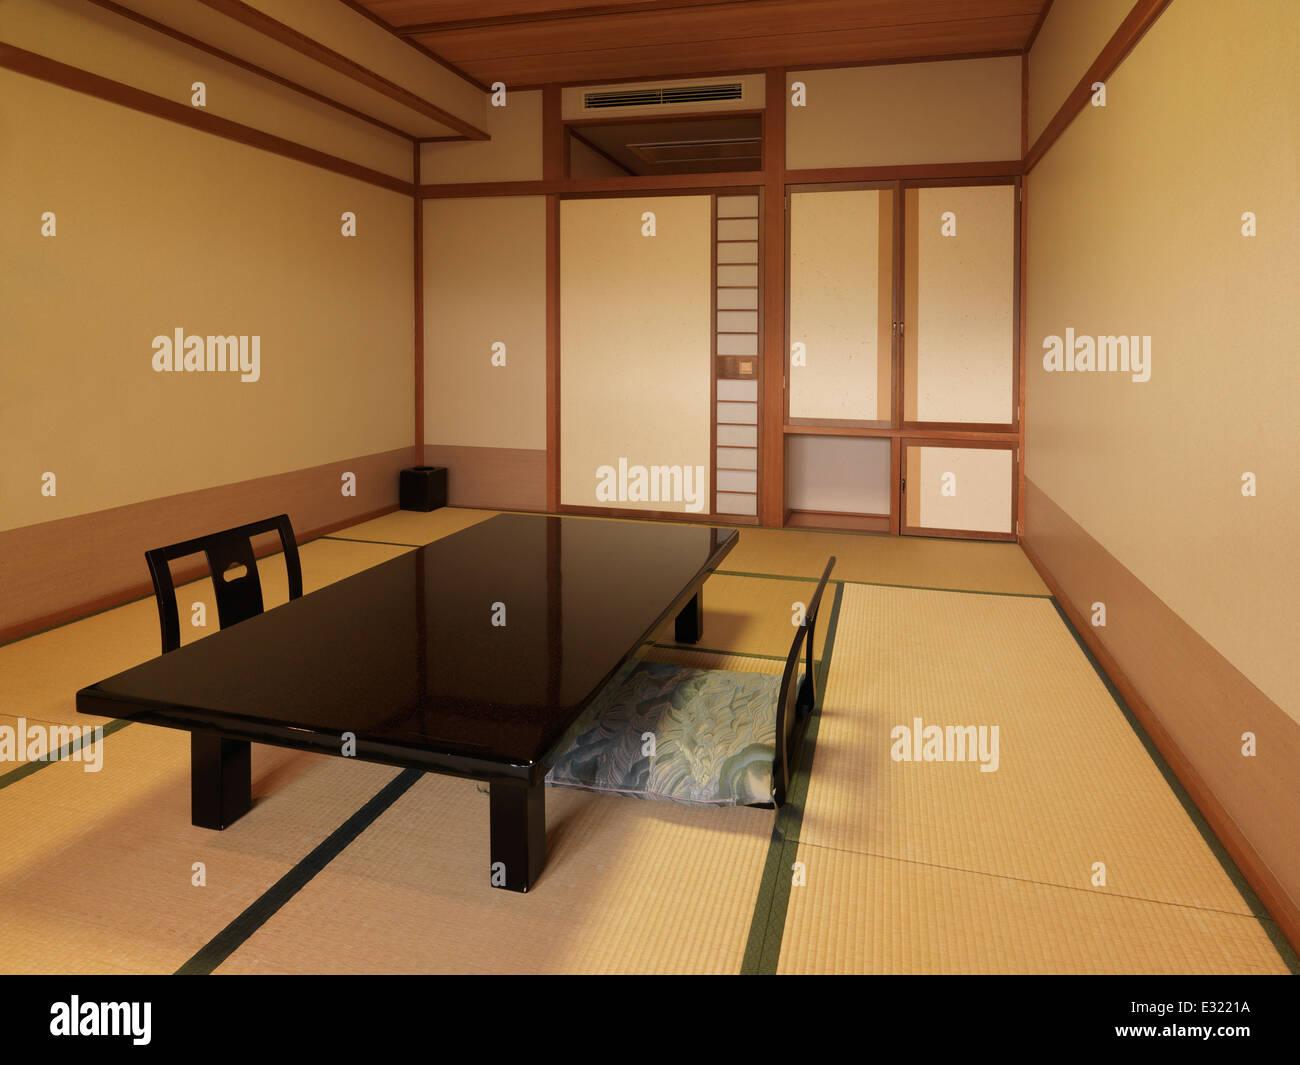 Traditional Japanese Room Interior At A Ryokan Chabudai